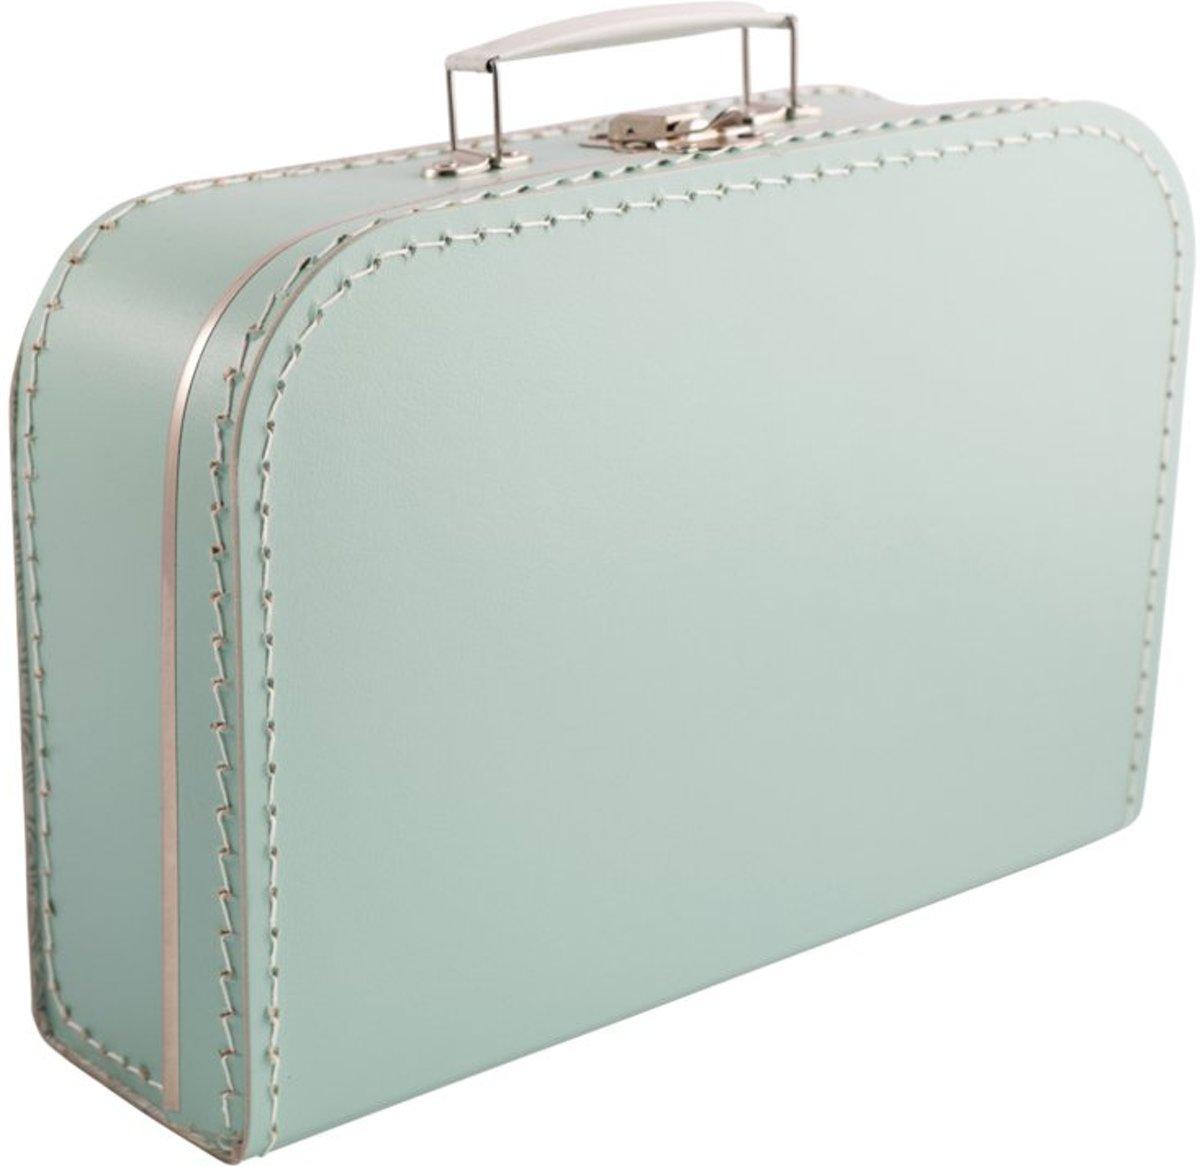 Koffertje effen blanco 25cm Mintgroen - Kinderkoffertje